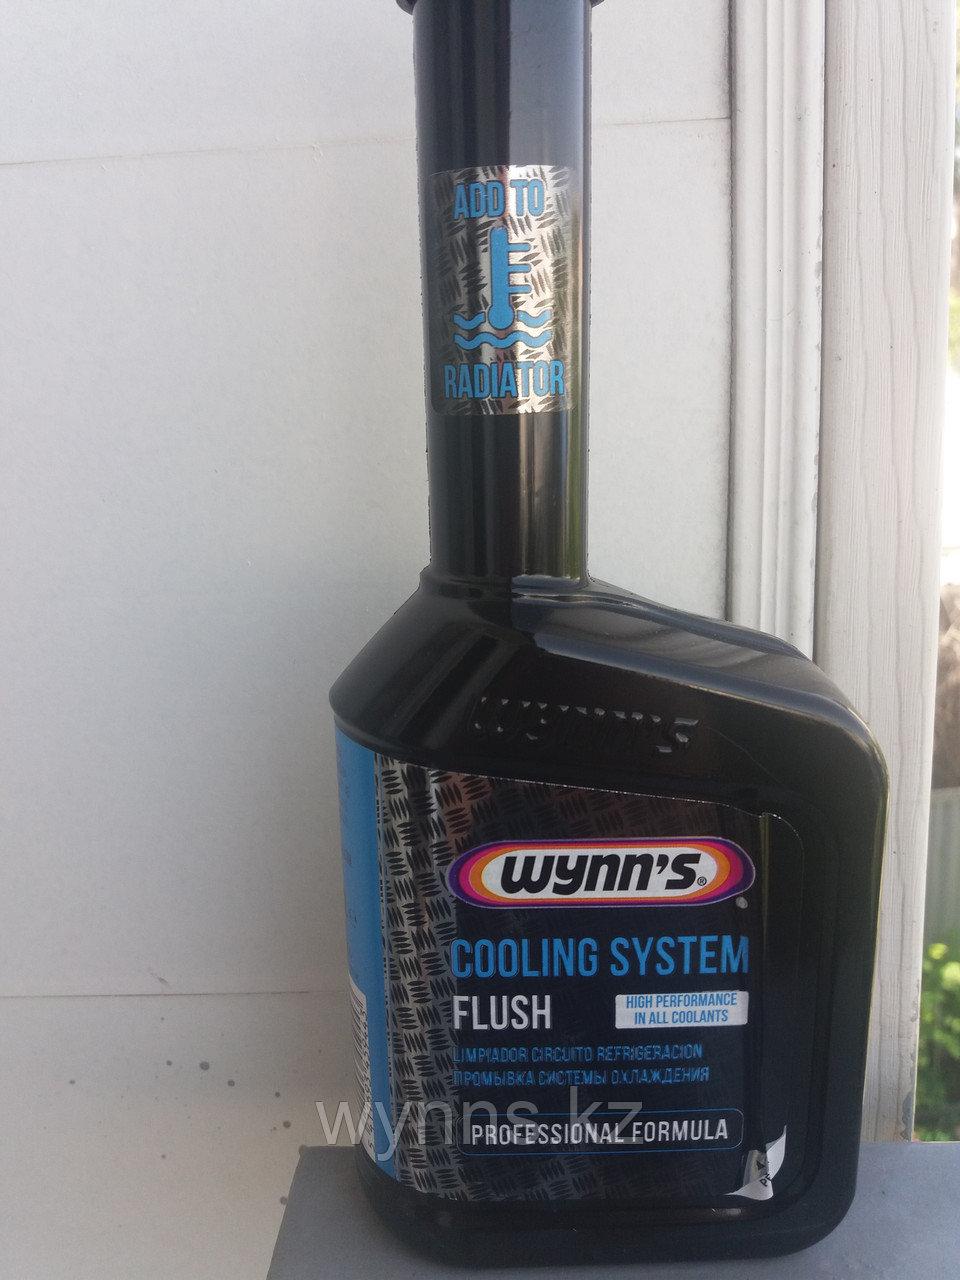 Промывка системы охлаждения двигателя Cooling System Flush